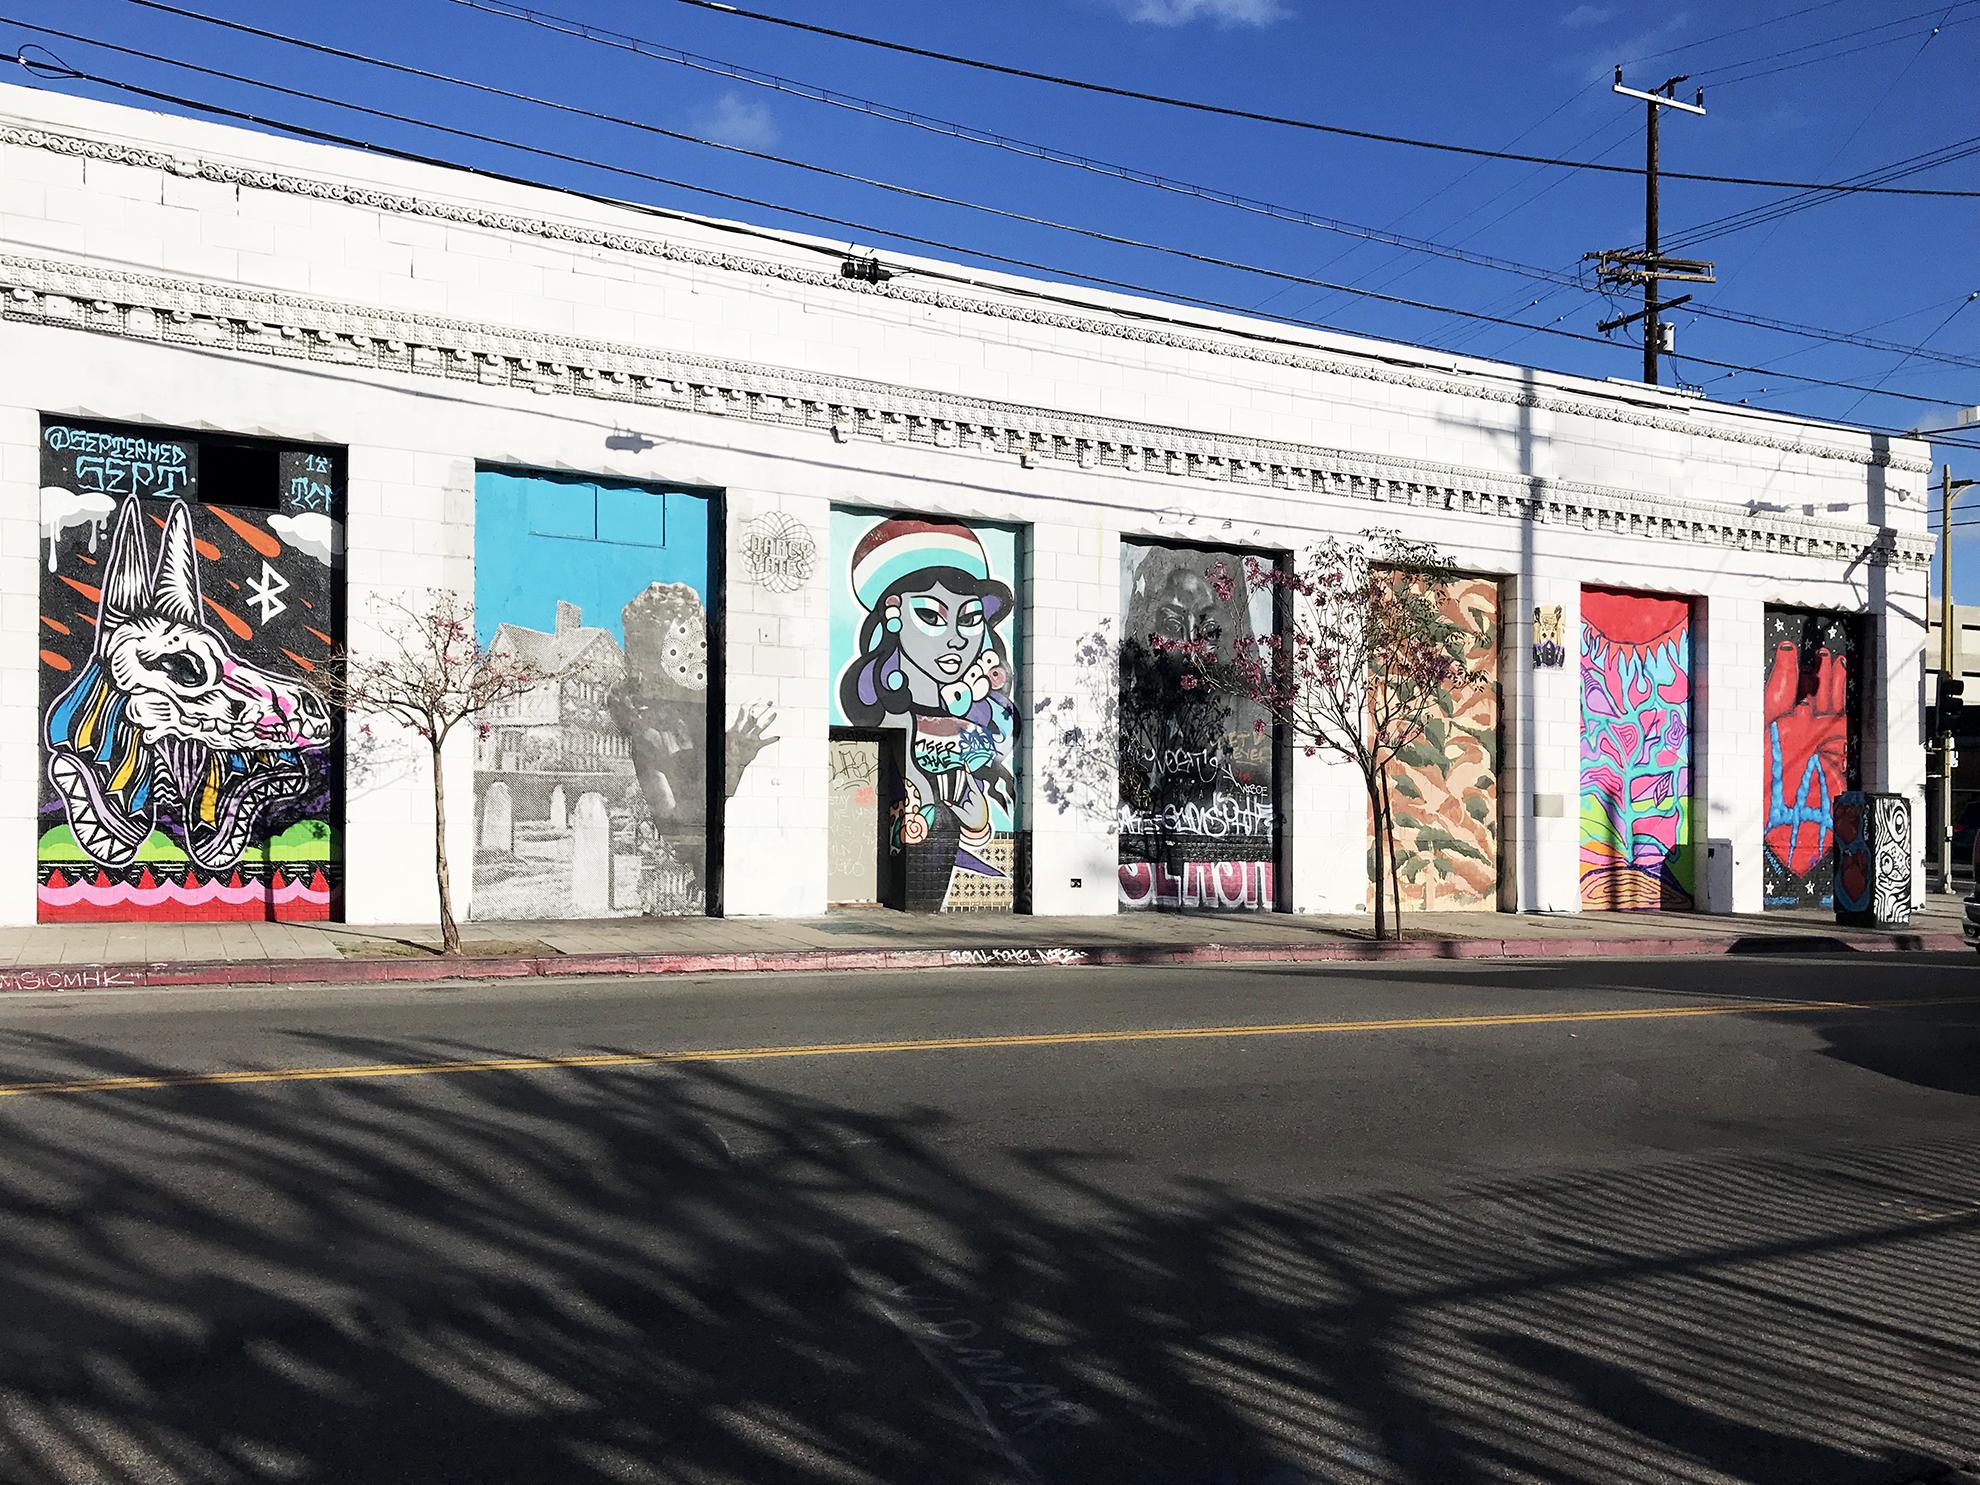 LA arts district - Photo Thomas Bollmann